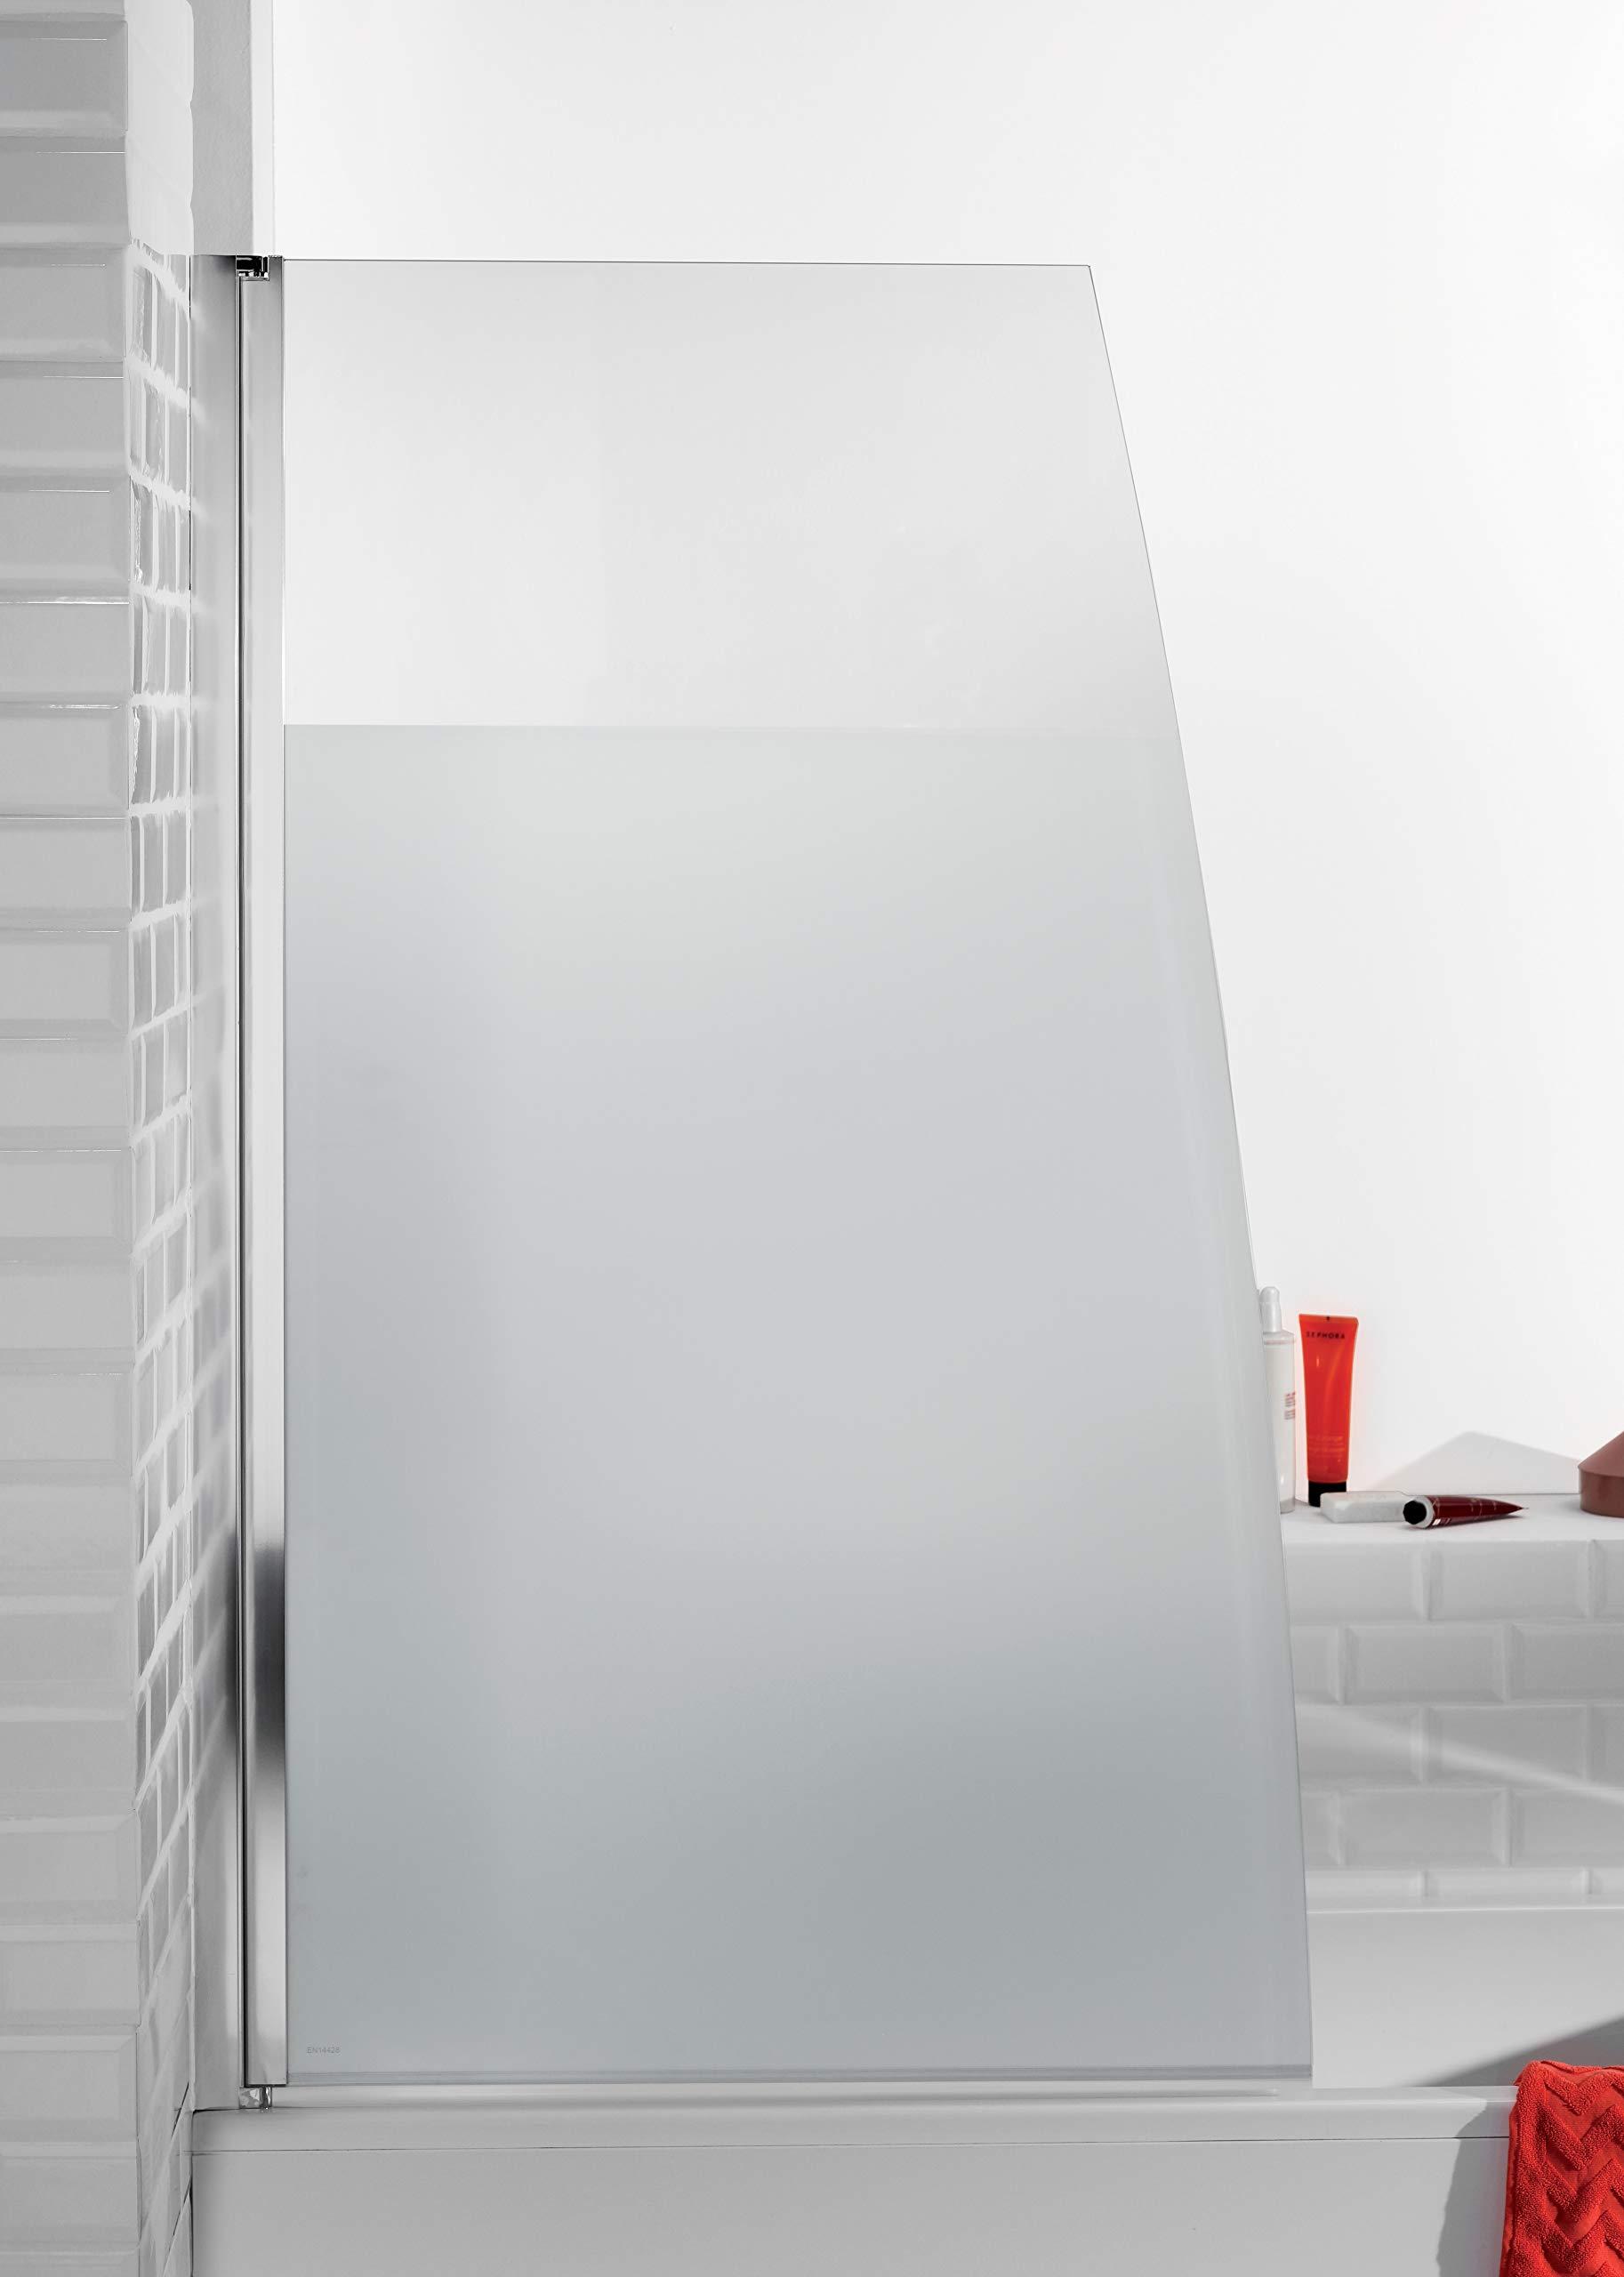 Jacob delafon serenity - Mampara bañera cromo gris anodizado: Amazon.es: Bricolaje y herramientas